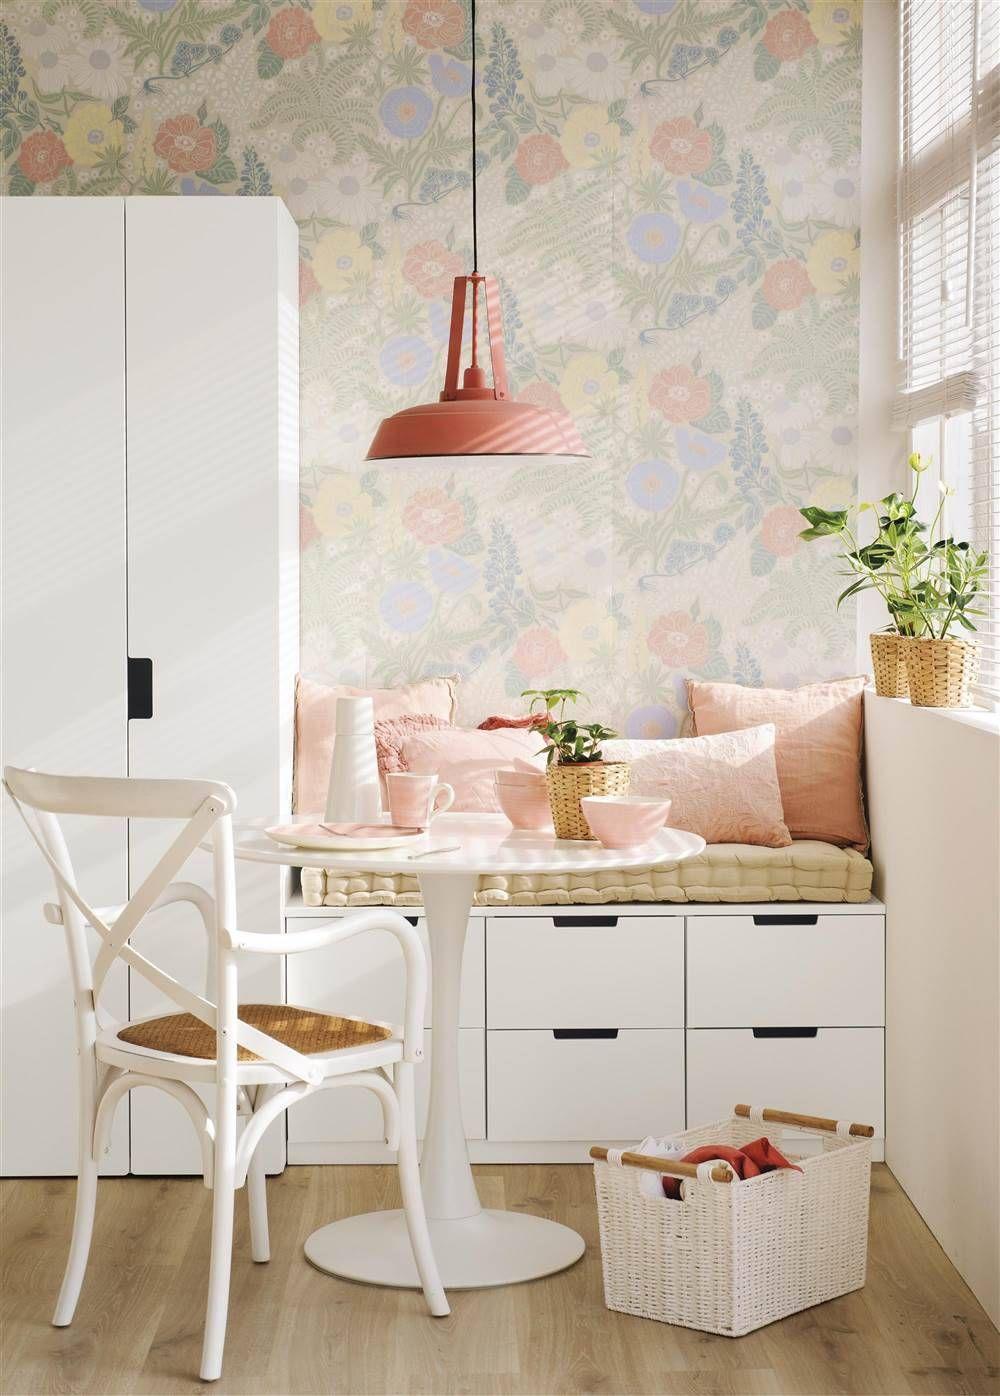 office-para-dos-con-papel-pintado-y-lampara-metalica-mesa-y-sillas-blancas